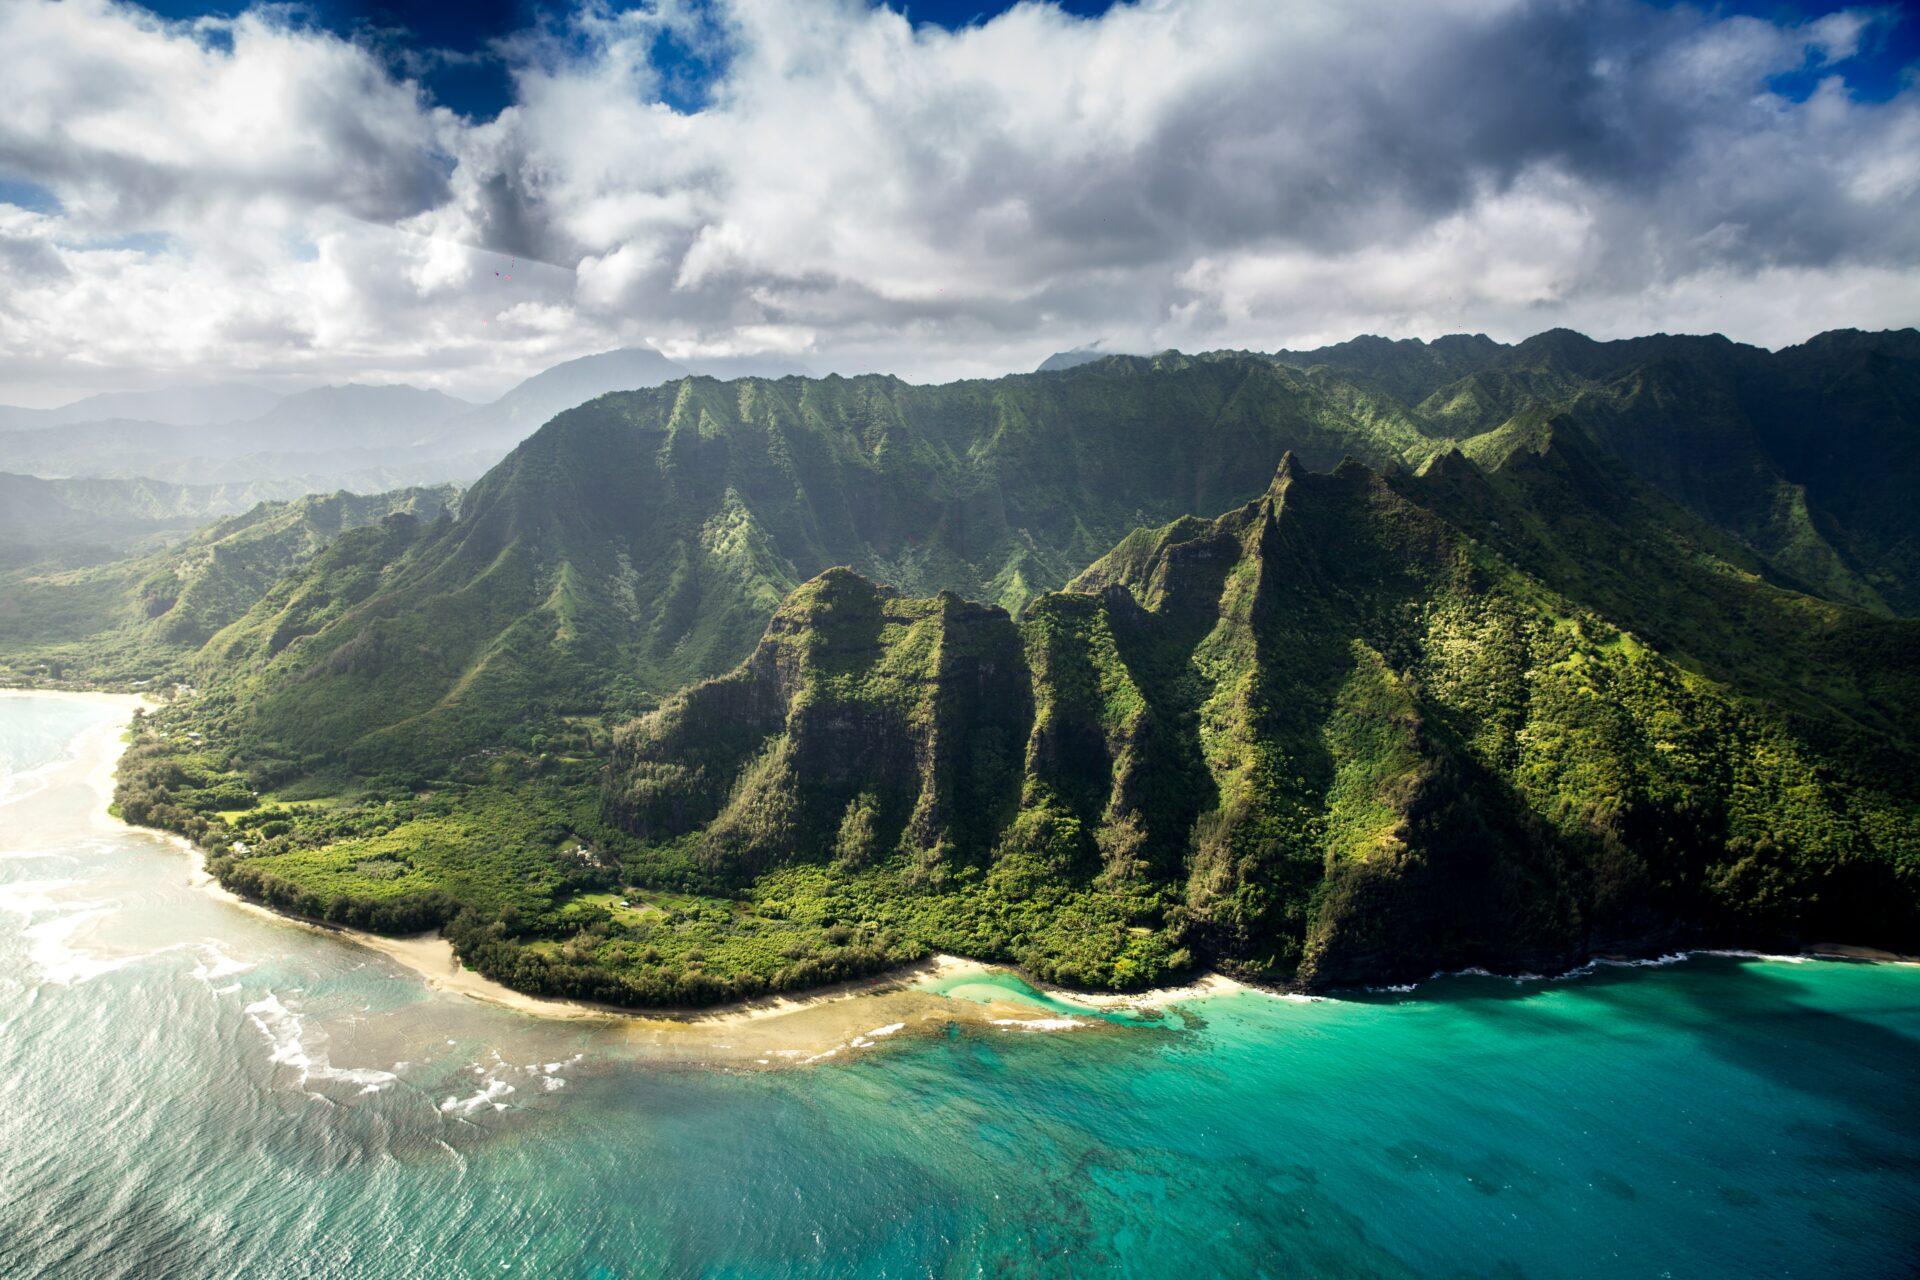 Hawaii - rif vriendelijke zonnecrème